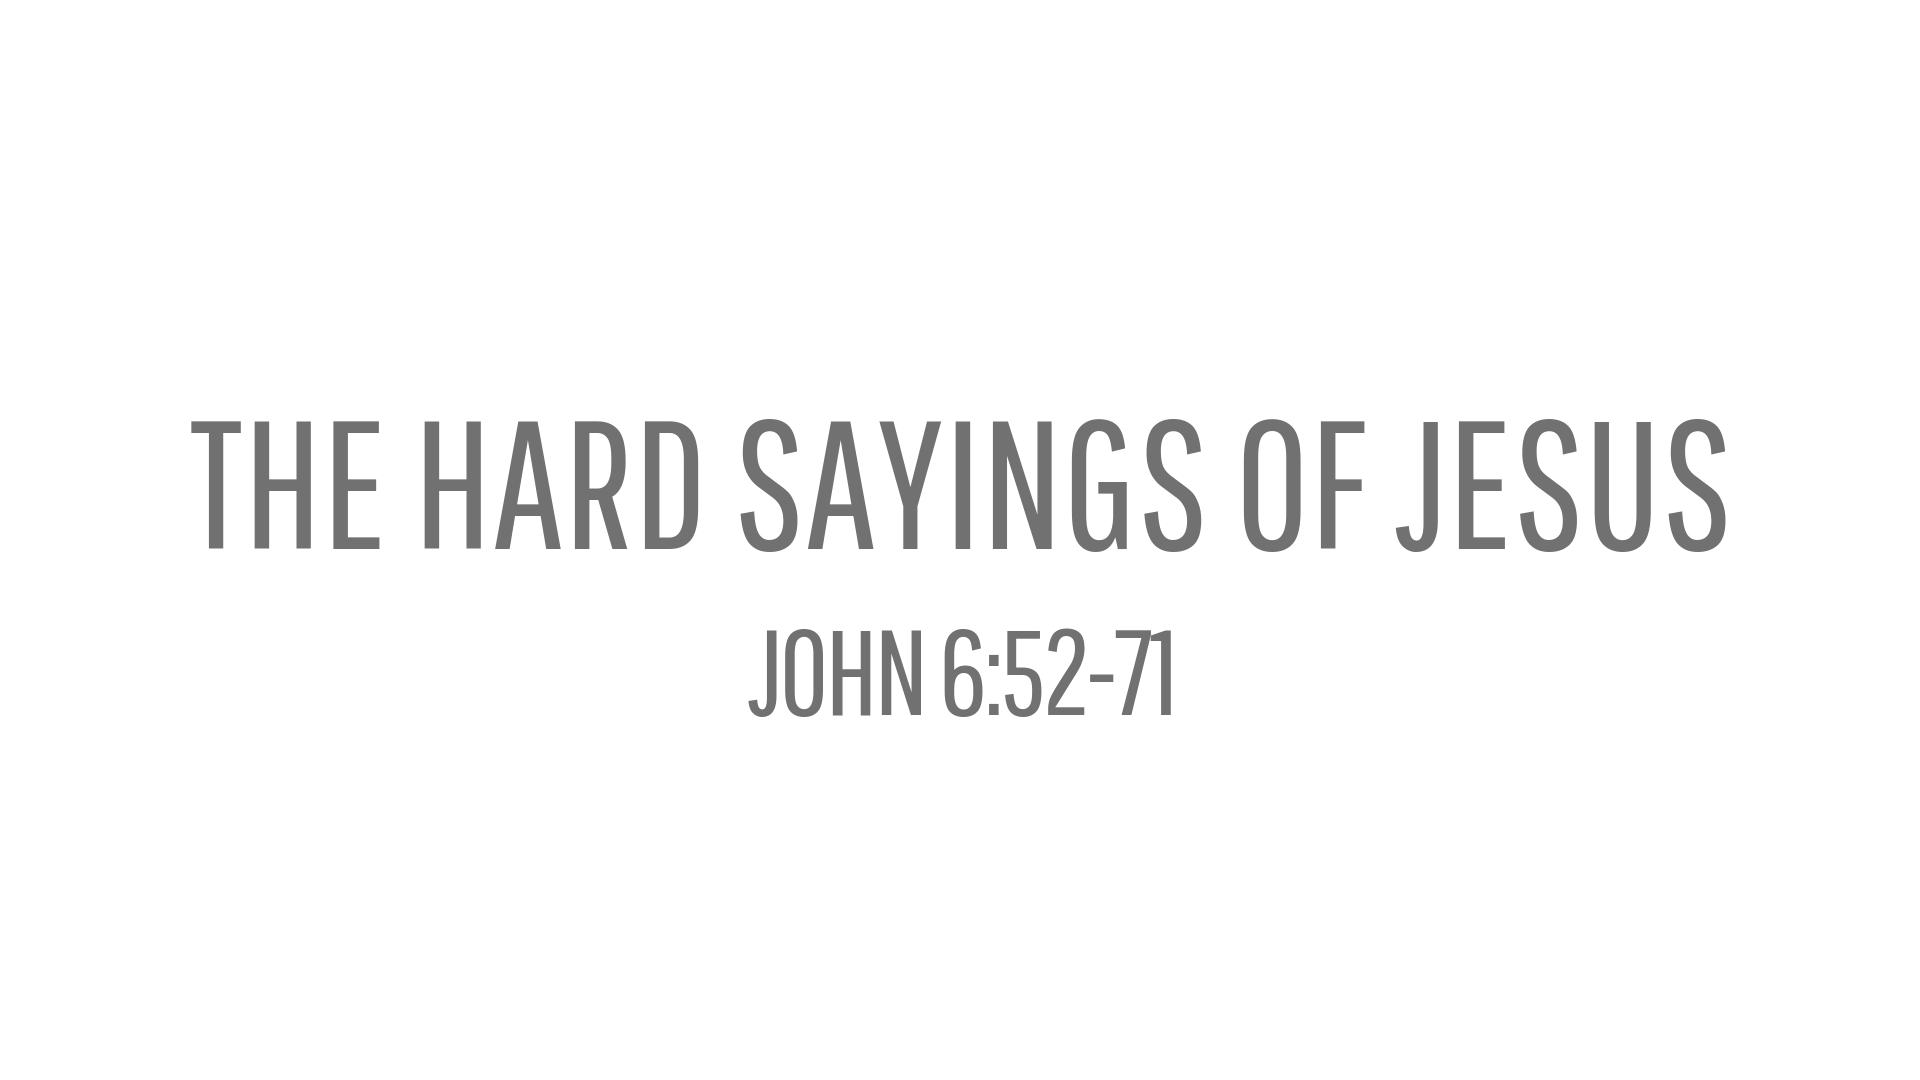 The Hard Sayings of Jesus.jpg